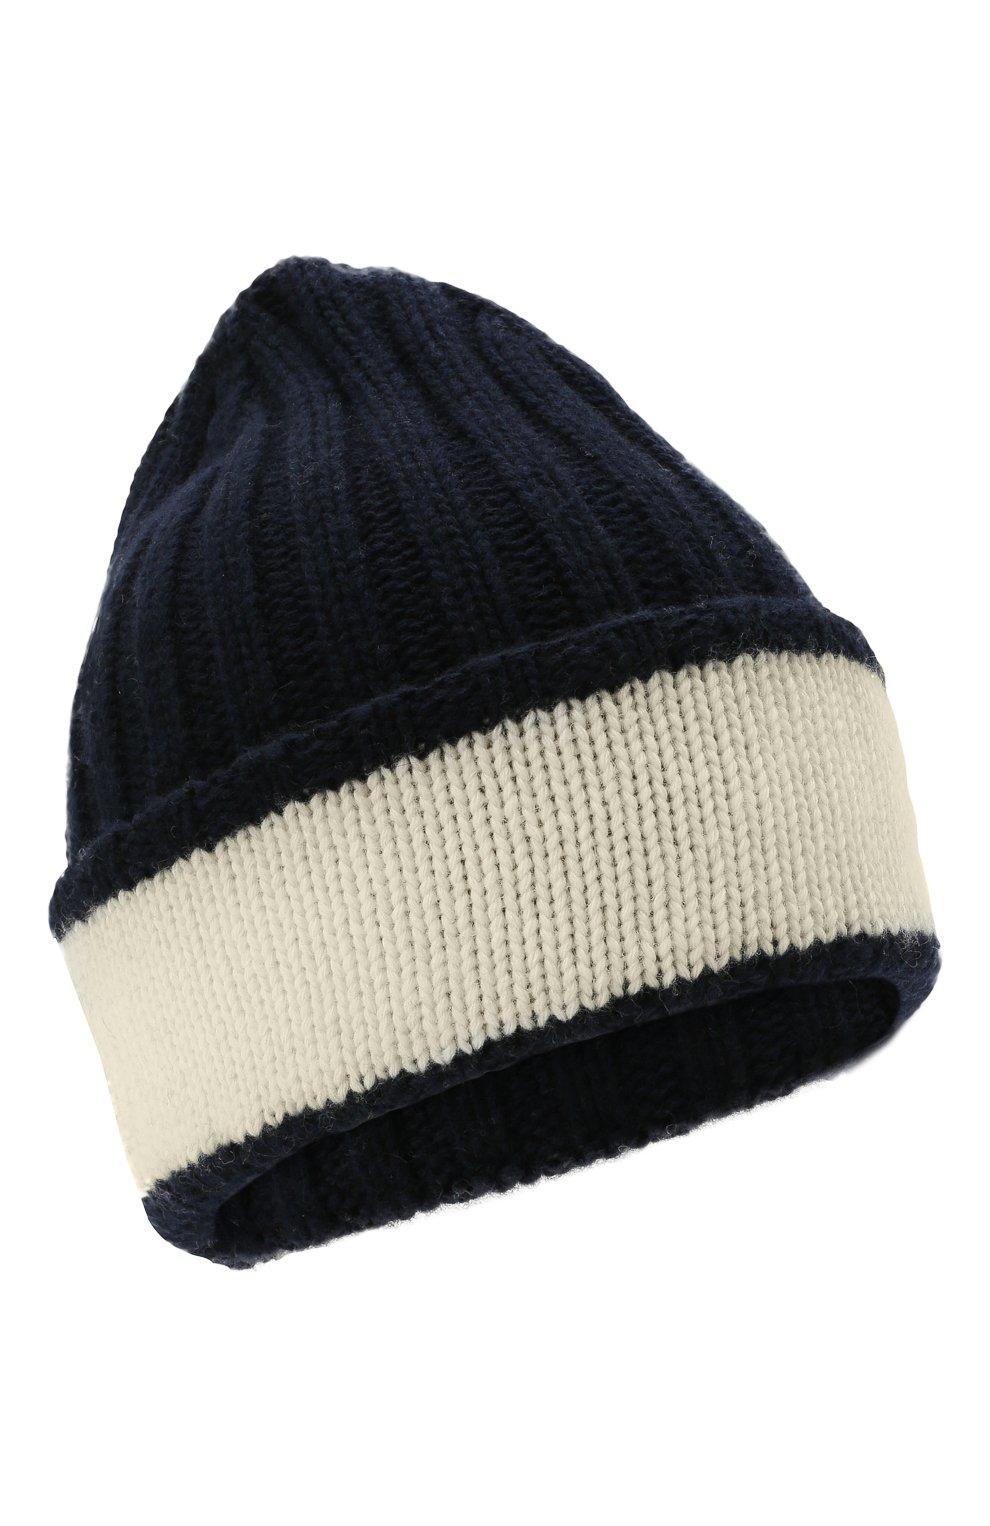 Детский комплект из шапки и шарфа EMPORIO ARMANI синего цвета, арт. 407515/1A767   Фото 2 (Материал: Текстиль, Шерсть, Вискоза)